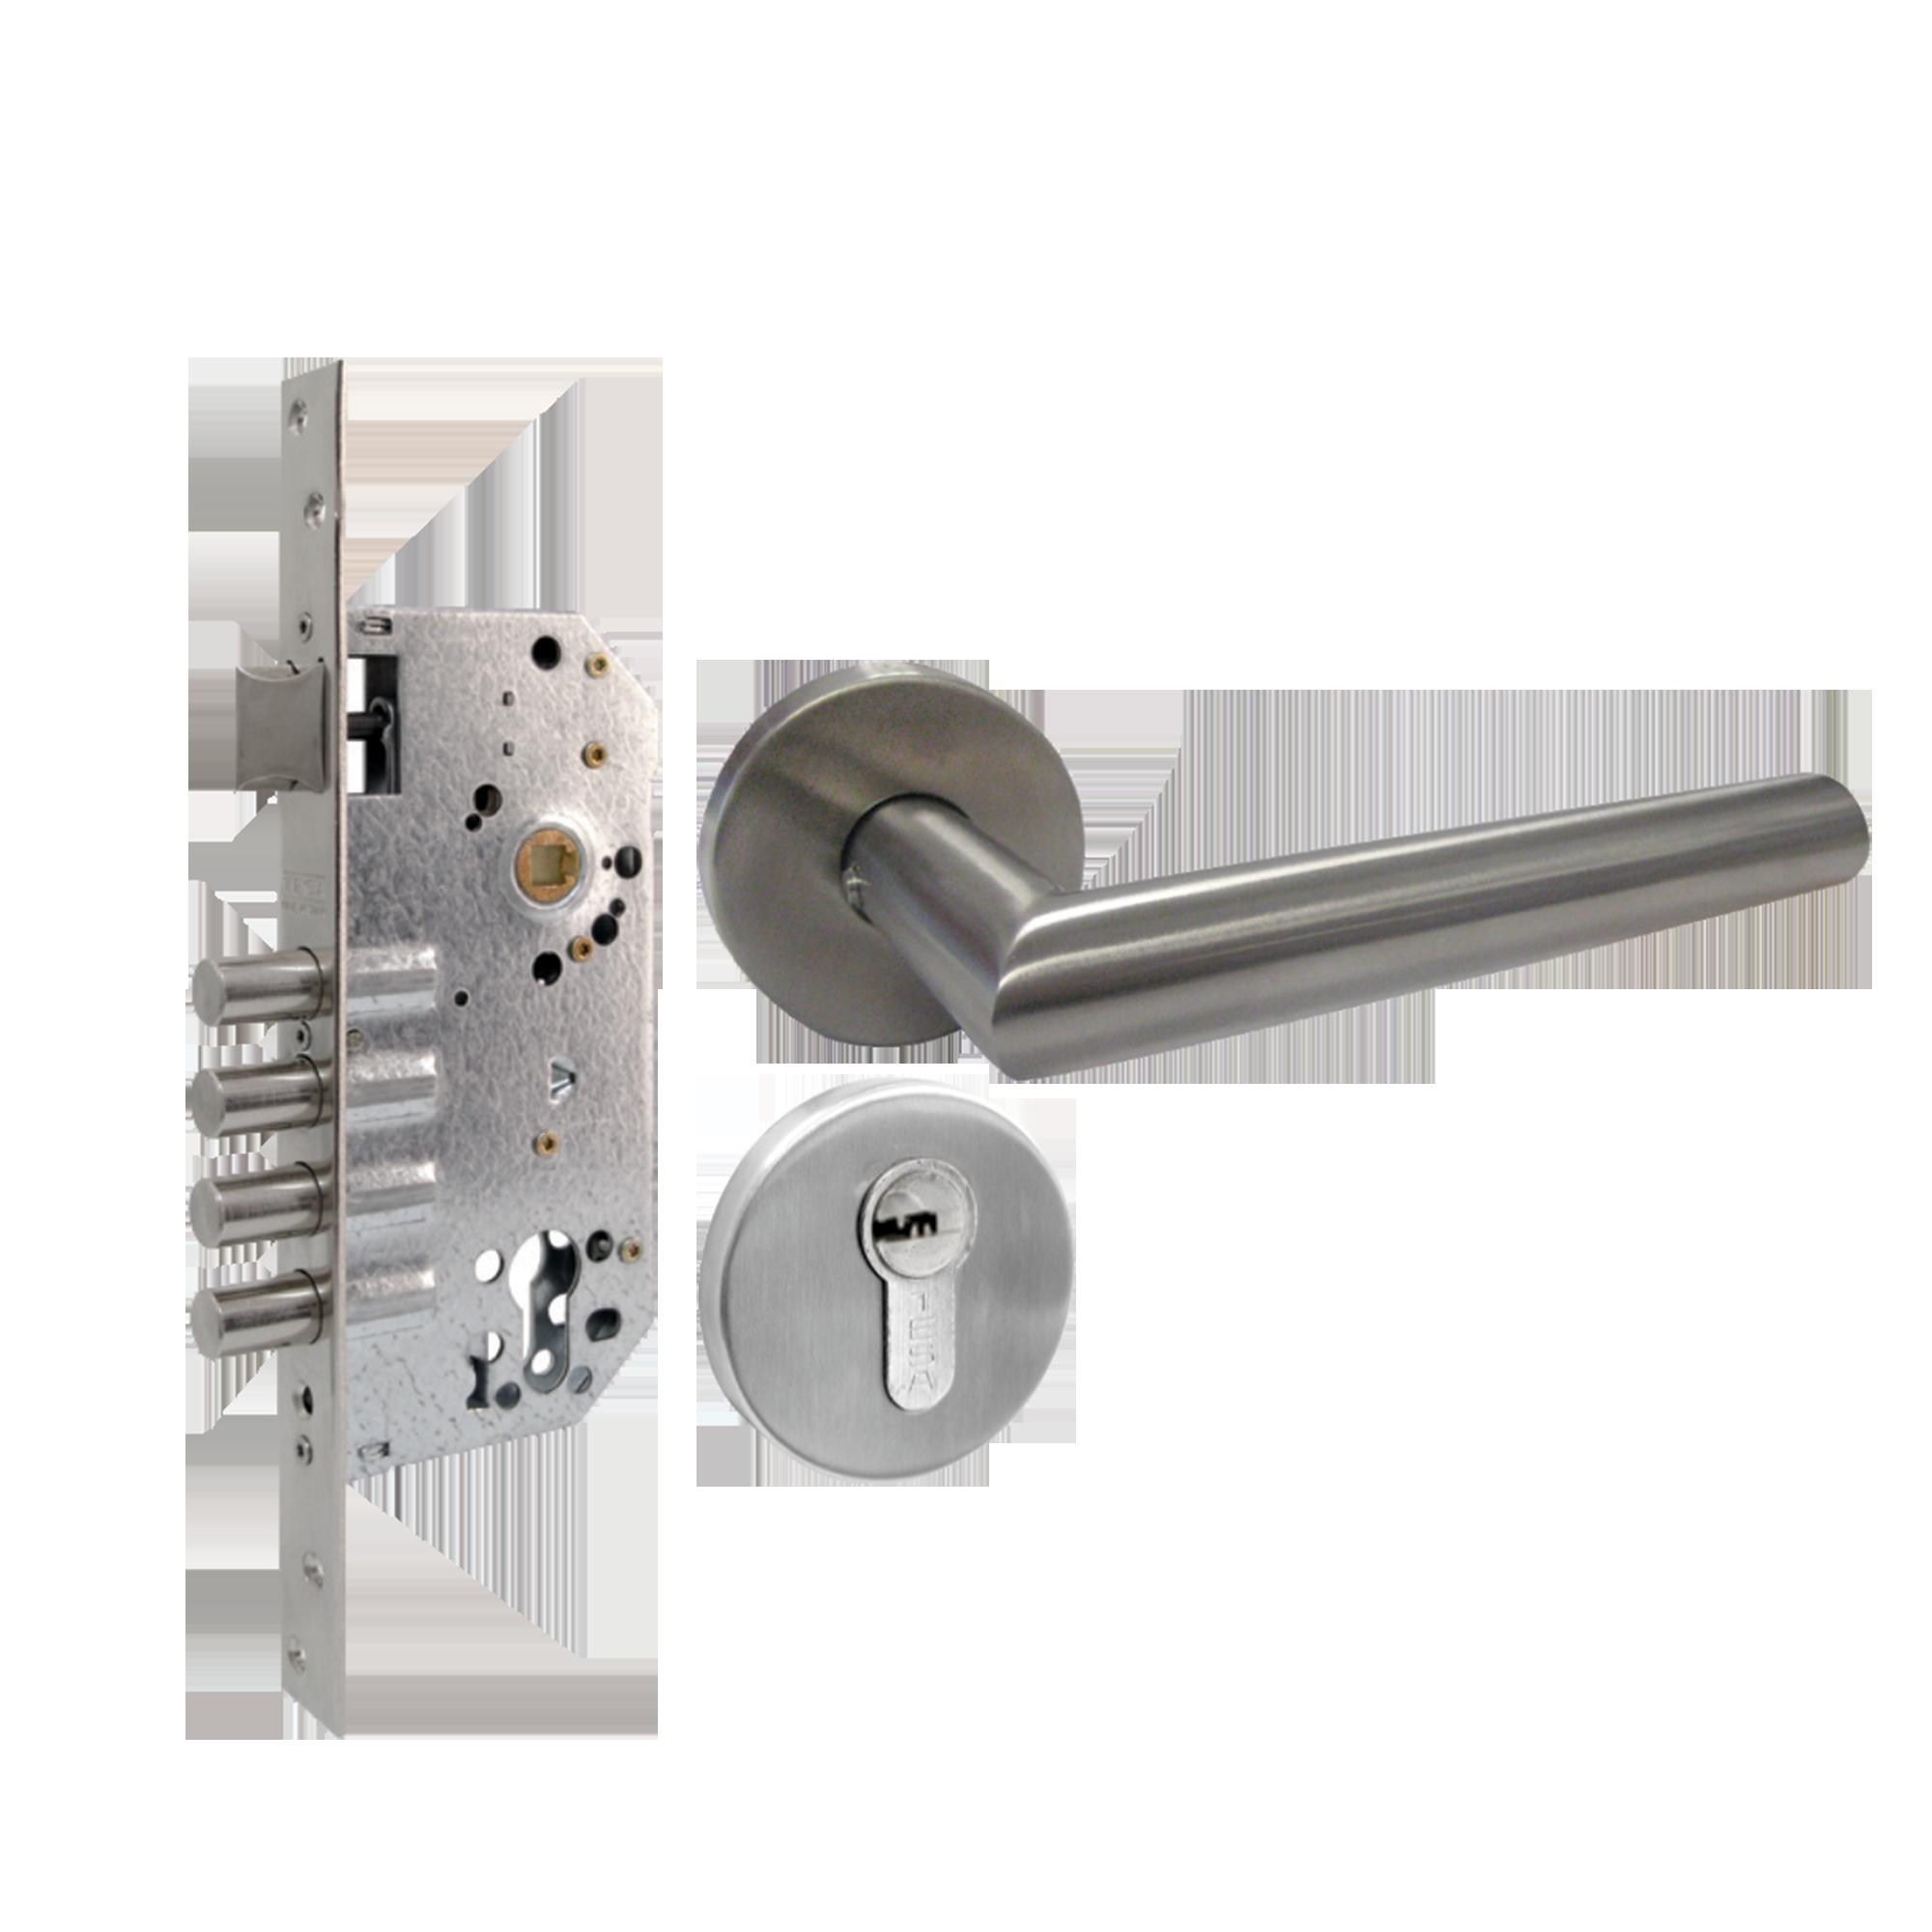 Kit de Manija, mecanismo y cilindro mecánico con Cerrojo de Alta Seguridad